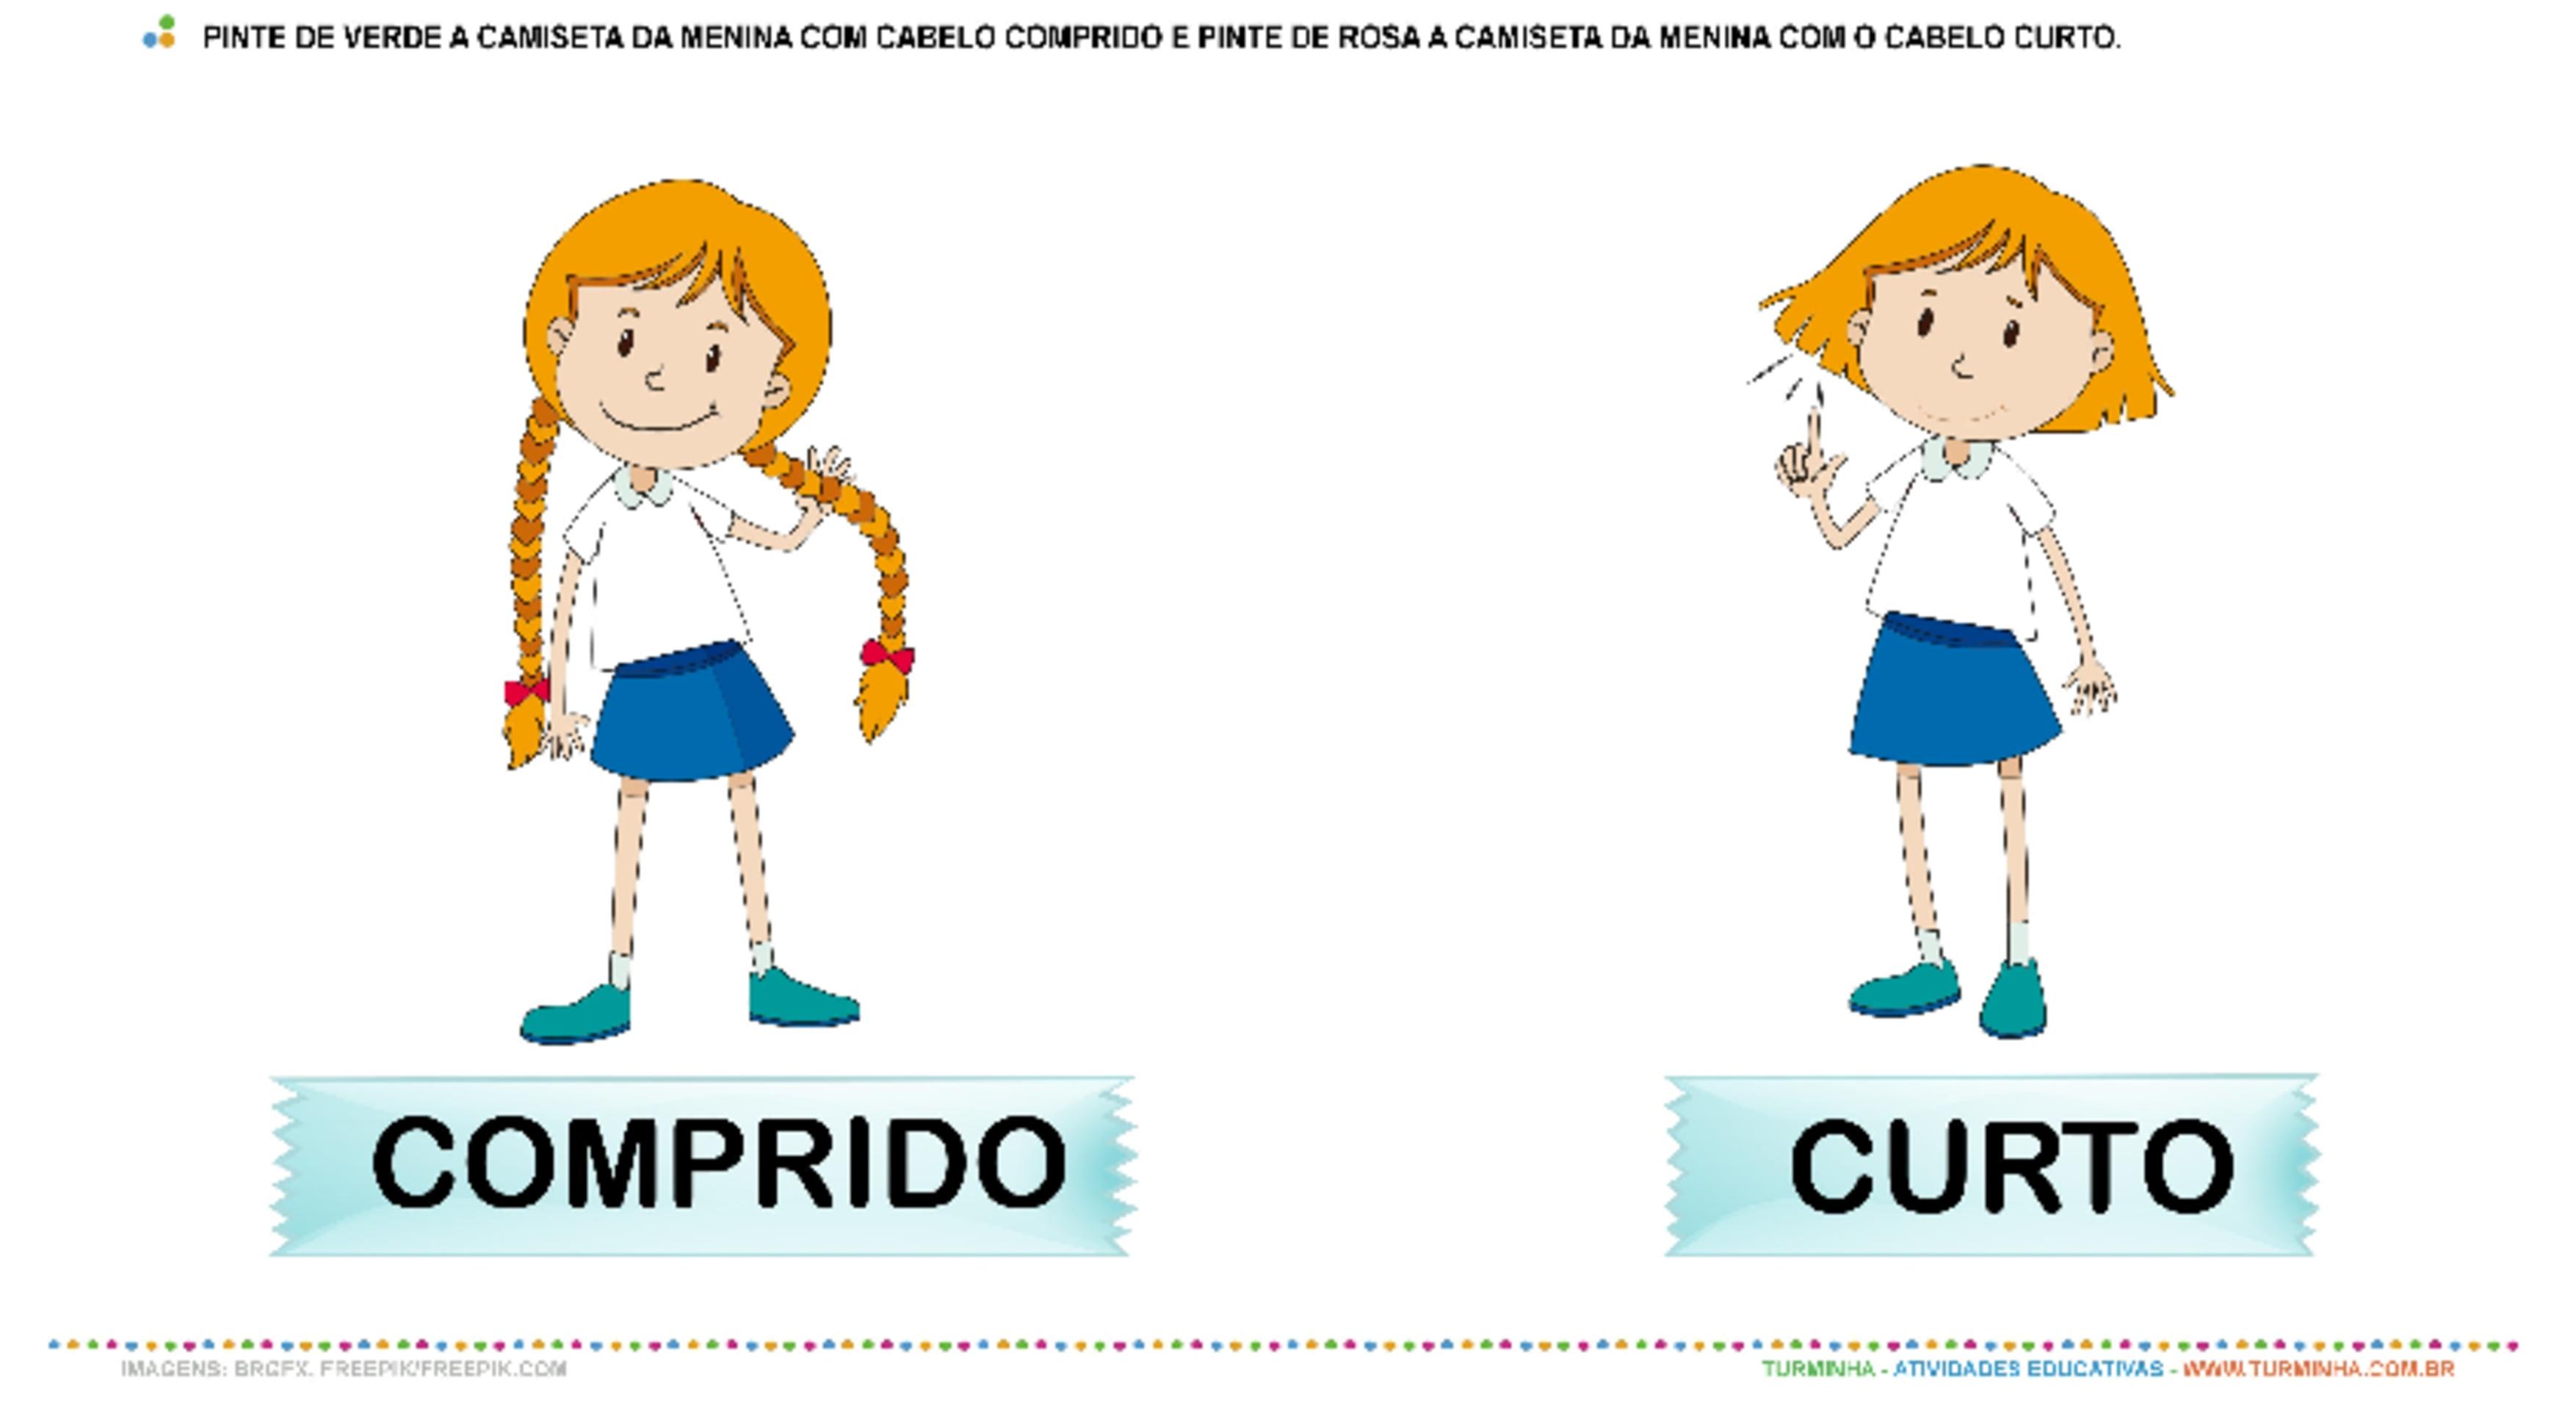 Cabelo Curto ou Cabelo Comprido - Pintura - atividade educativa para Pré-Escola (4 e 5 anos)